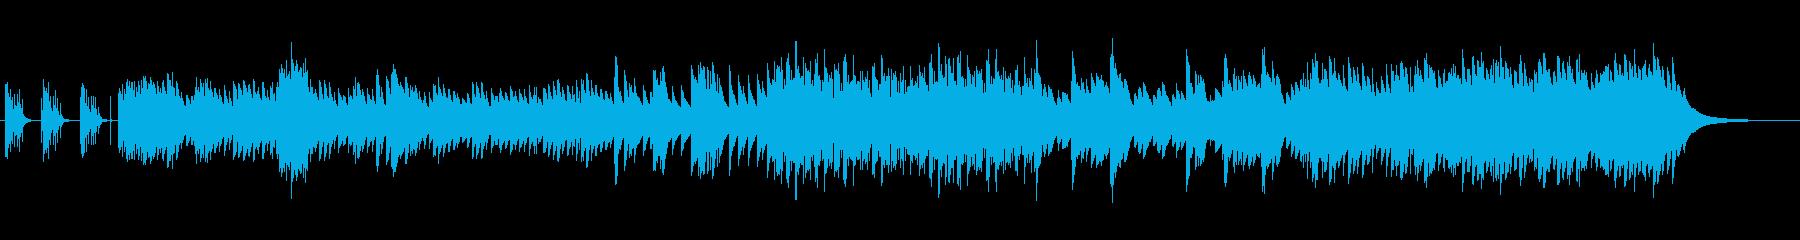 ベルの音が優しい世界観を作るバラードの再生済みの波形